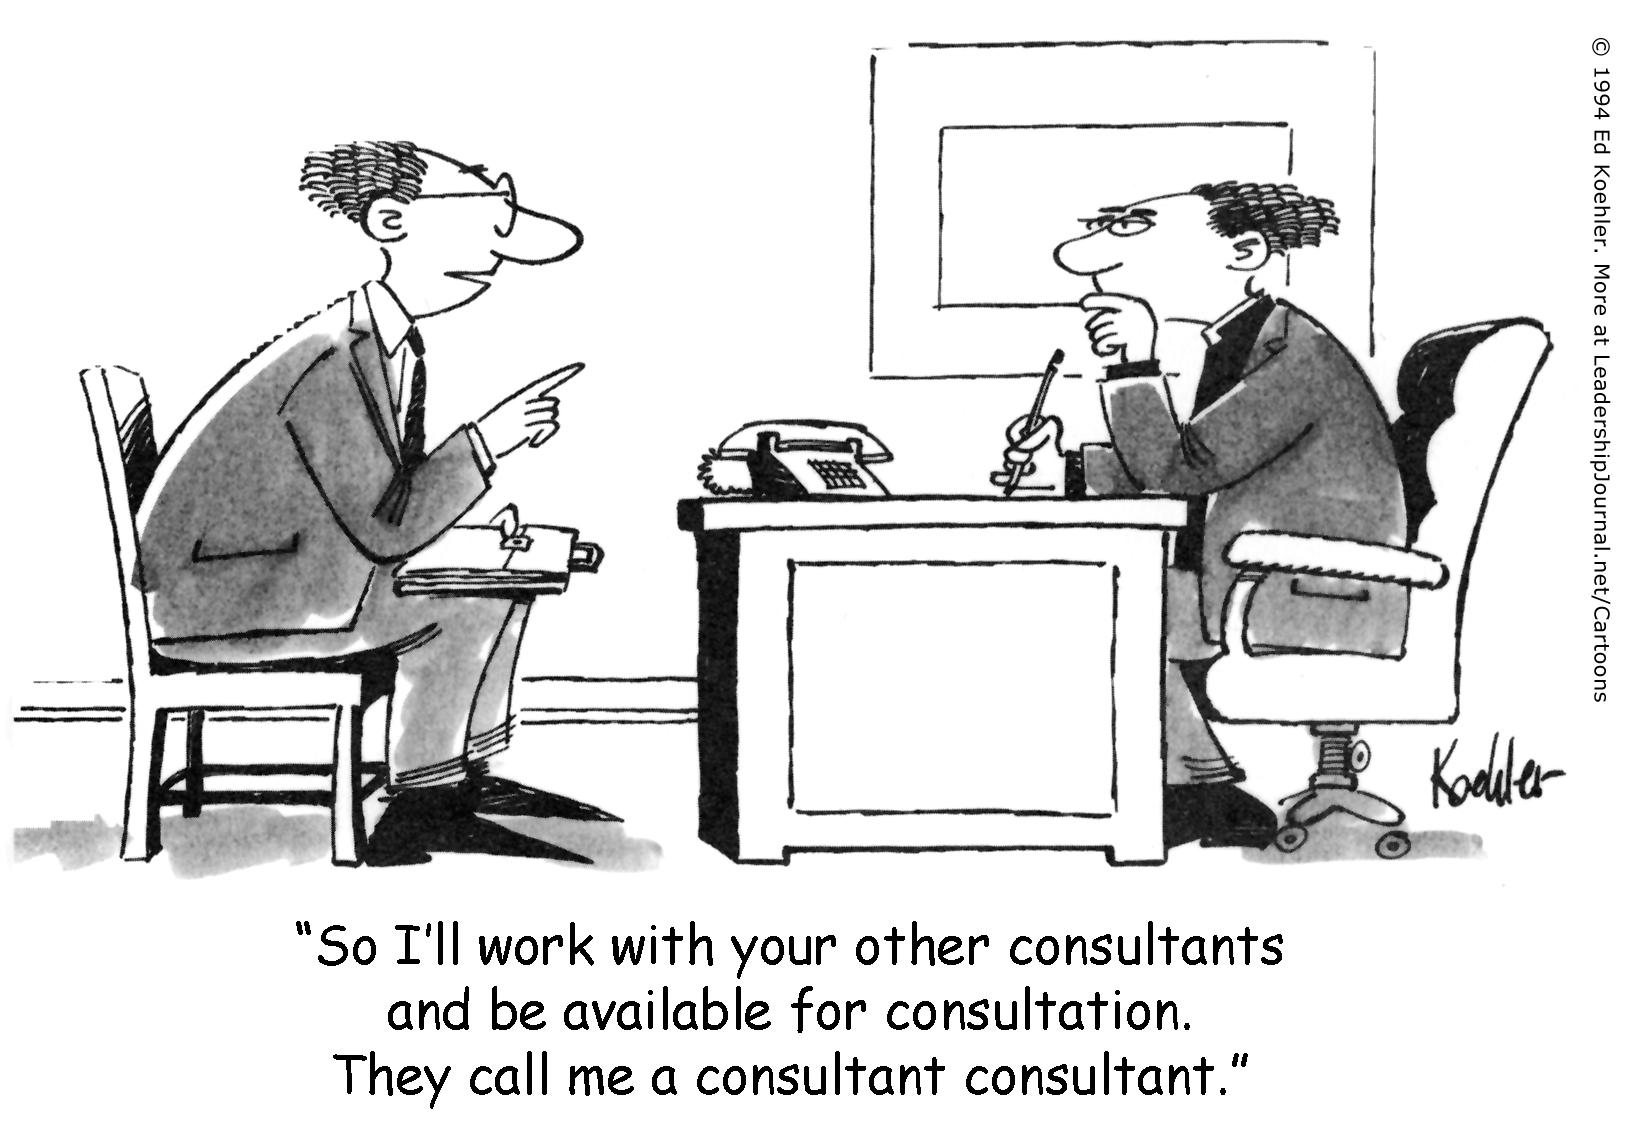 A Consultant Consultant